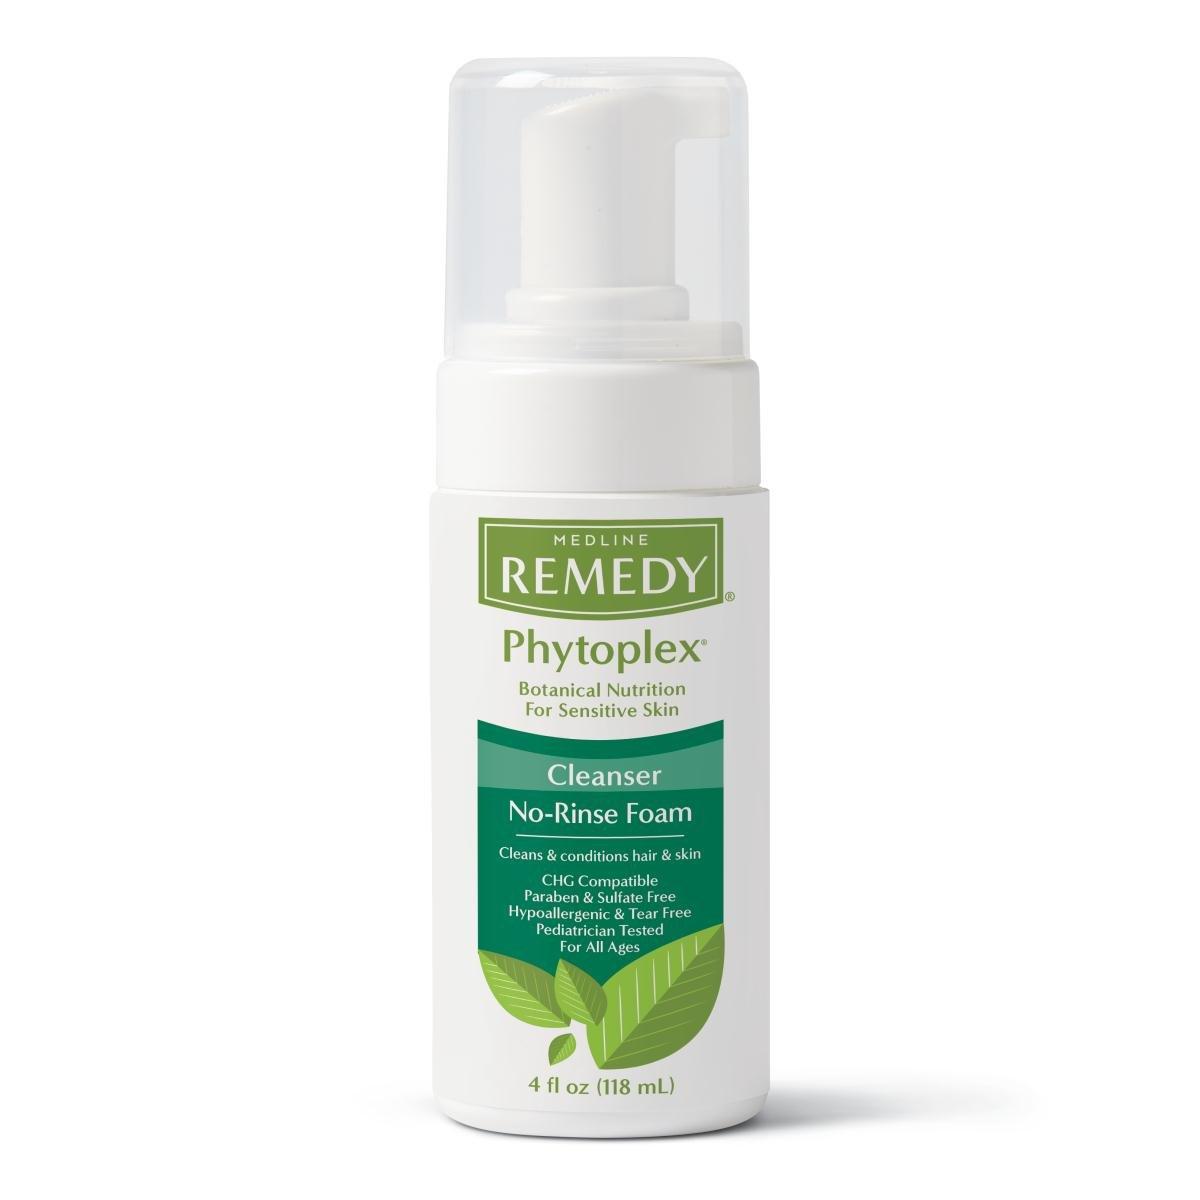 Medline MSC092104 Remedy Phytoplex No-Rinse Hydrating Cleansing Foam, 4 oz (Pack of 24) by Medline